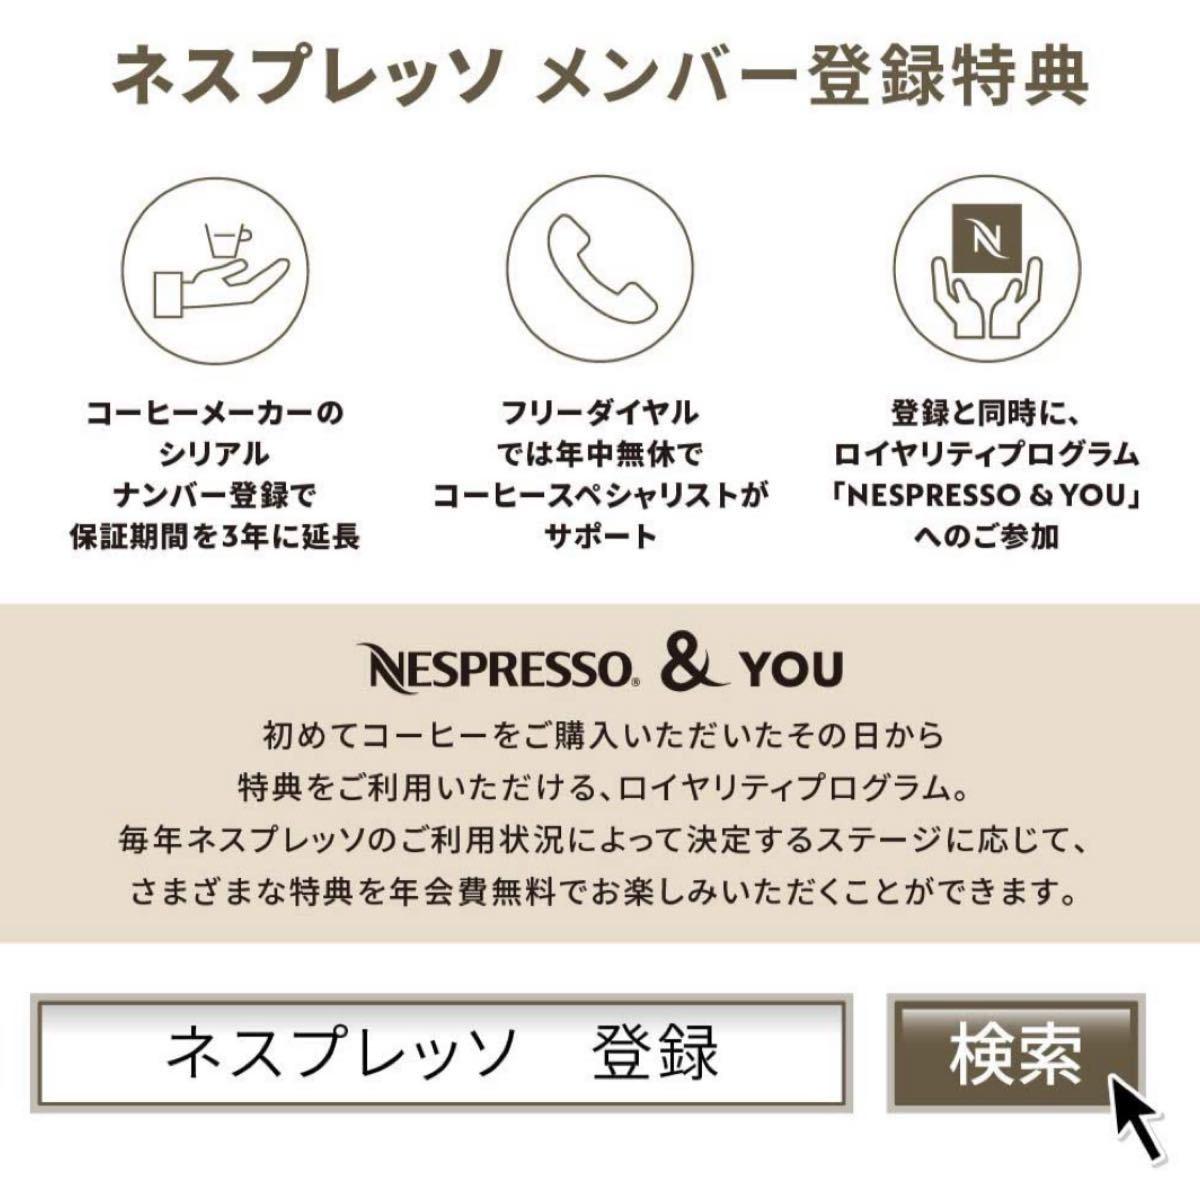 ネスプレッソ カプセル式コーヒーメーカー ヴァーチュオ ネクスト ブラック 本体